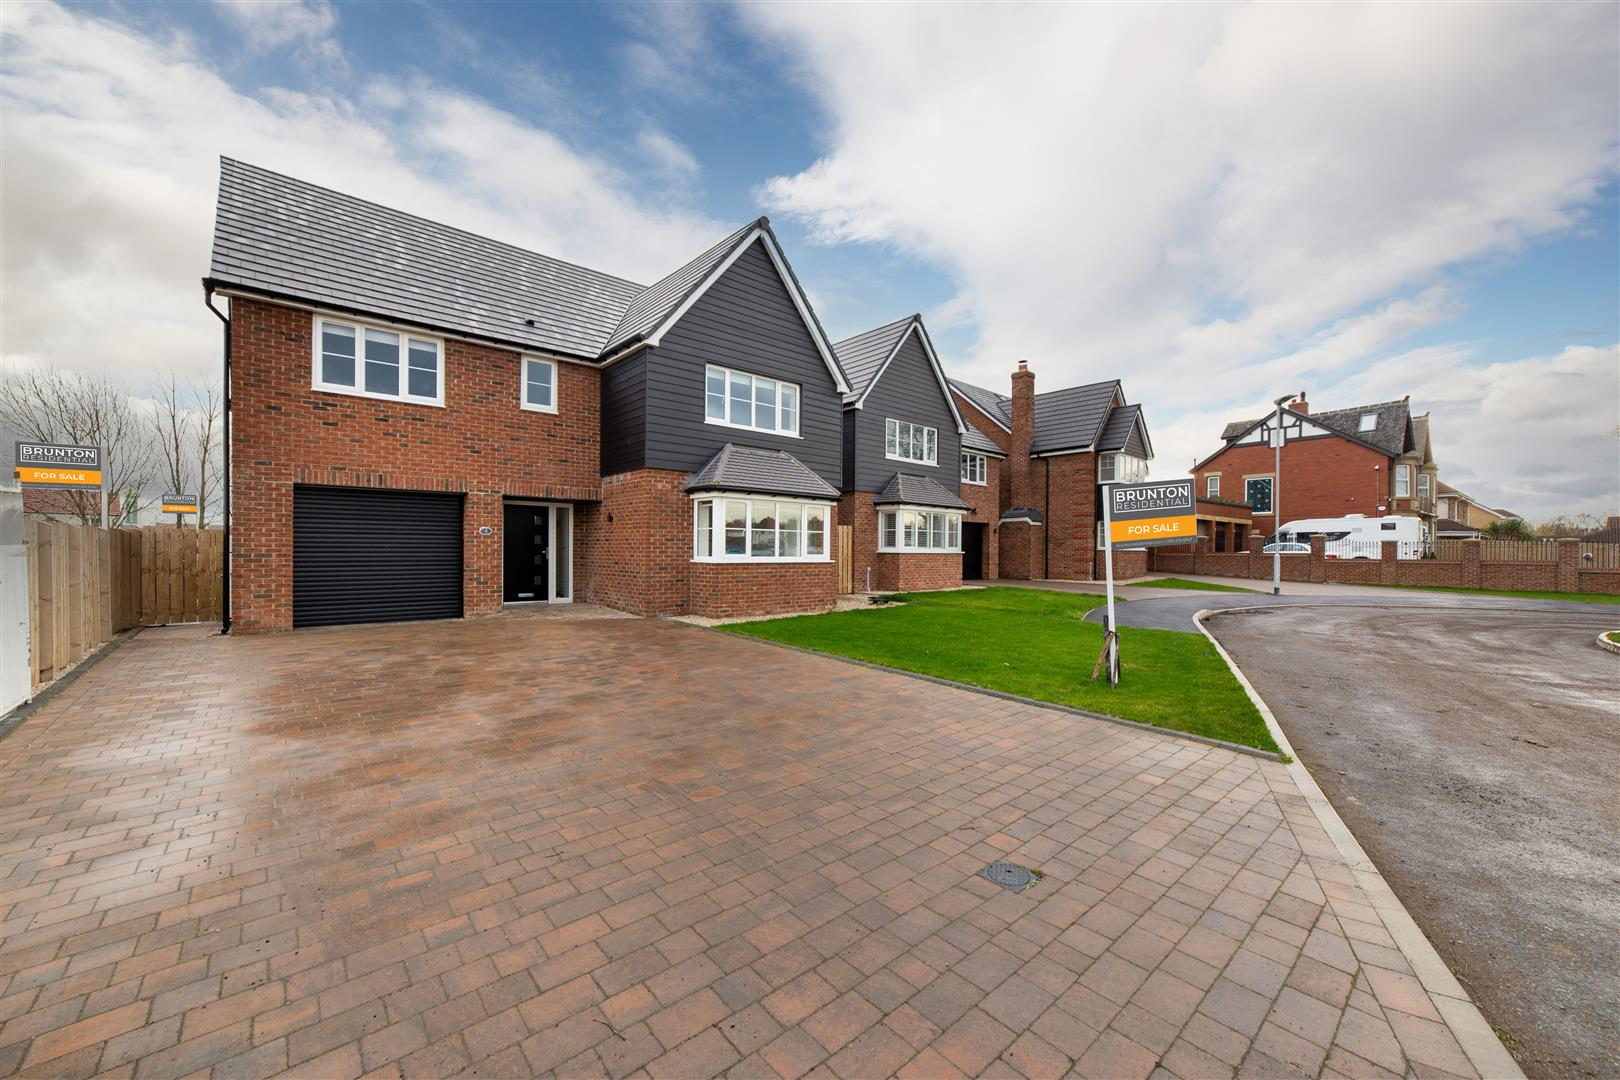 4 bed detached house for sale in St. Davids Park, Cramlington  - Property Image 1